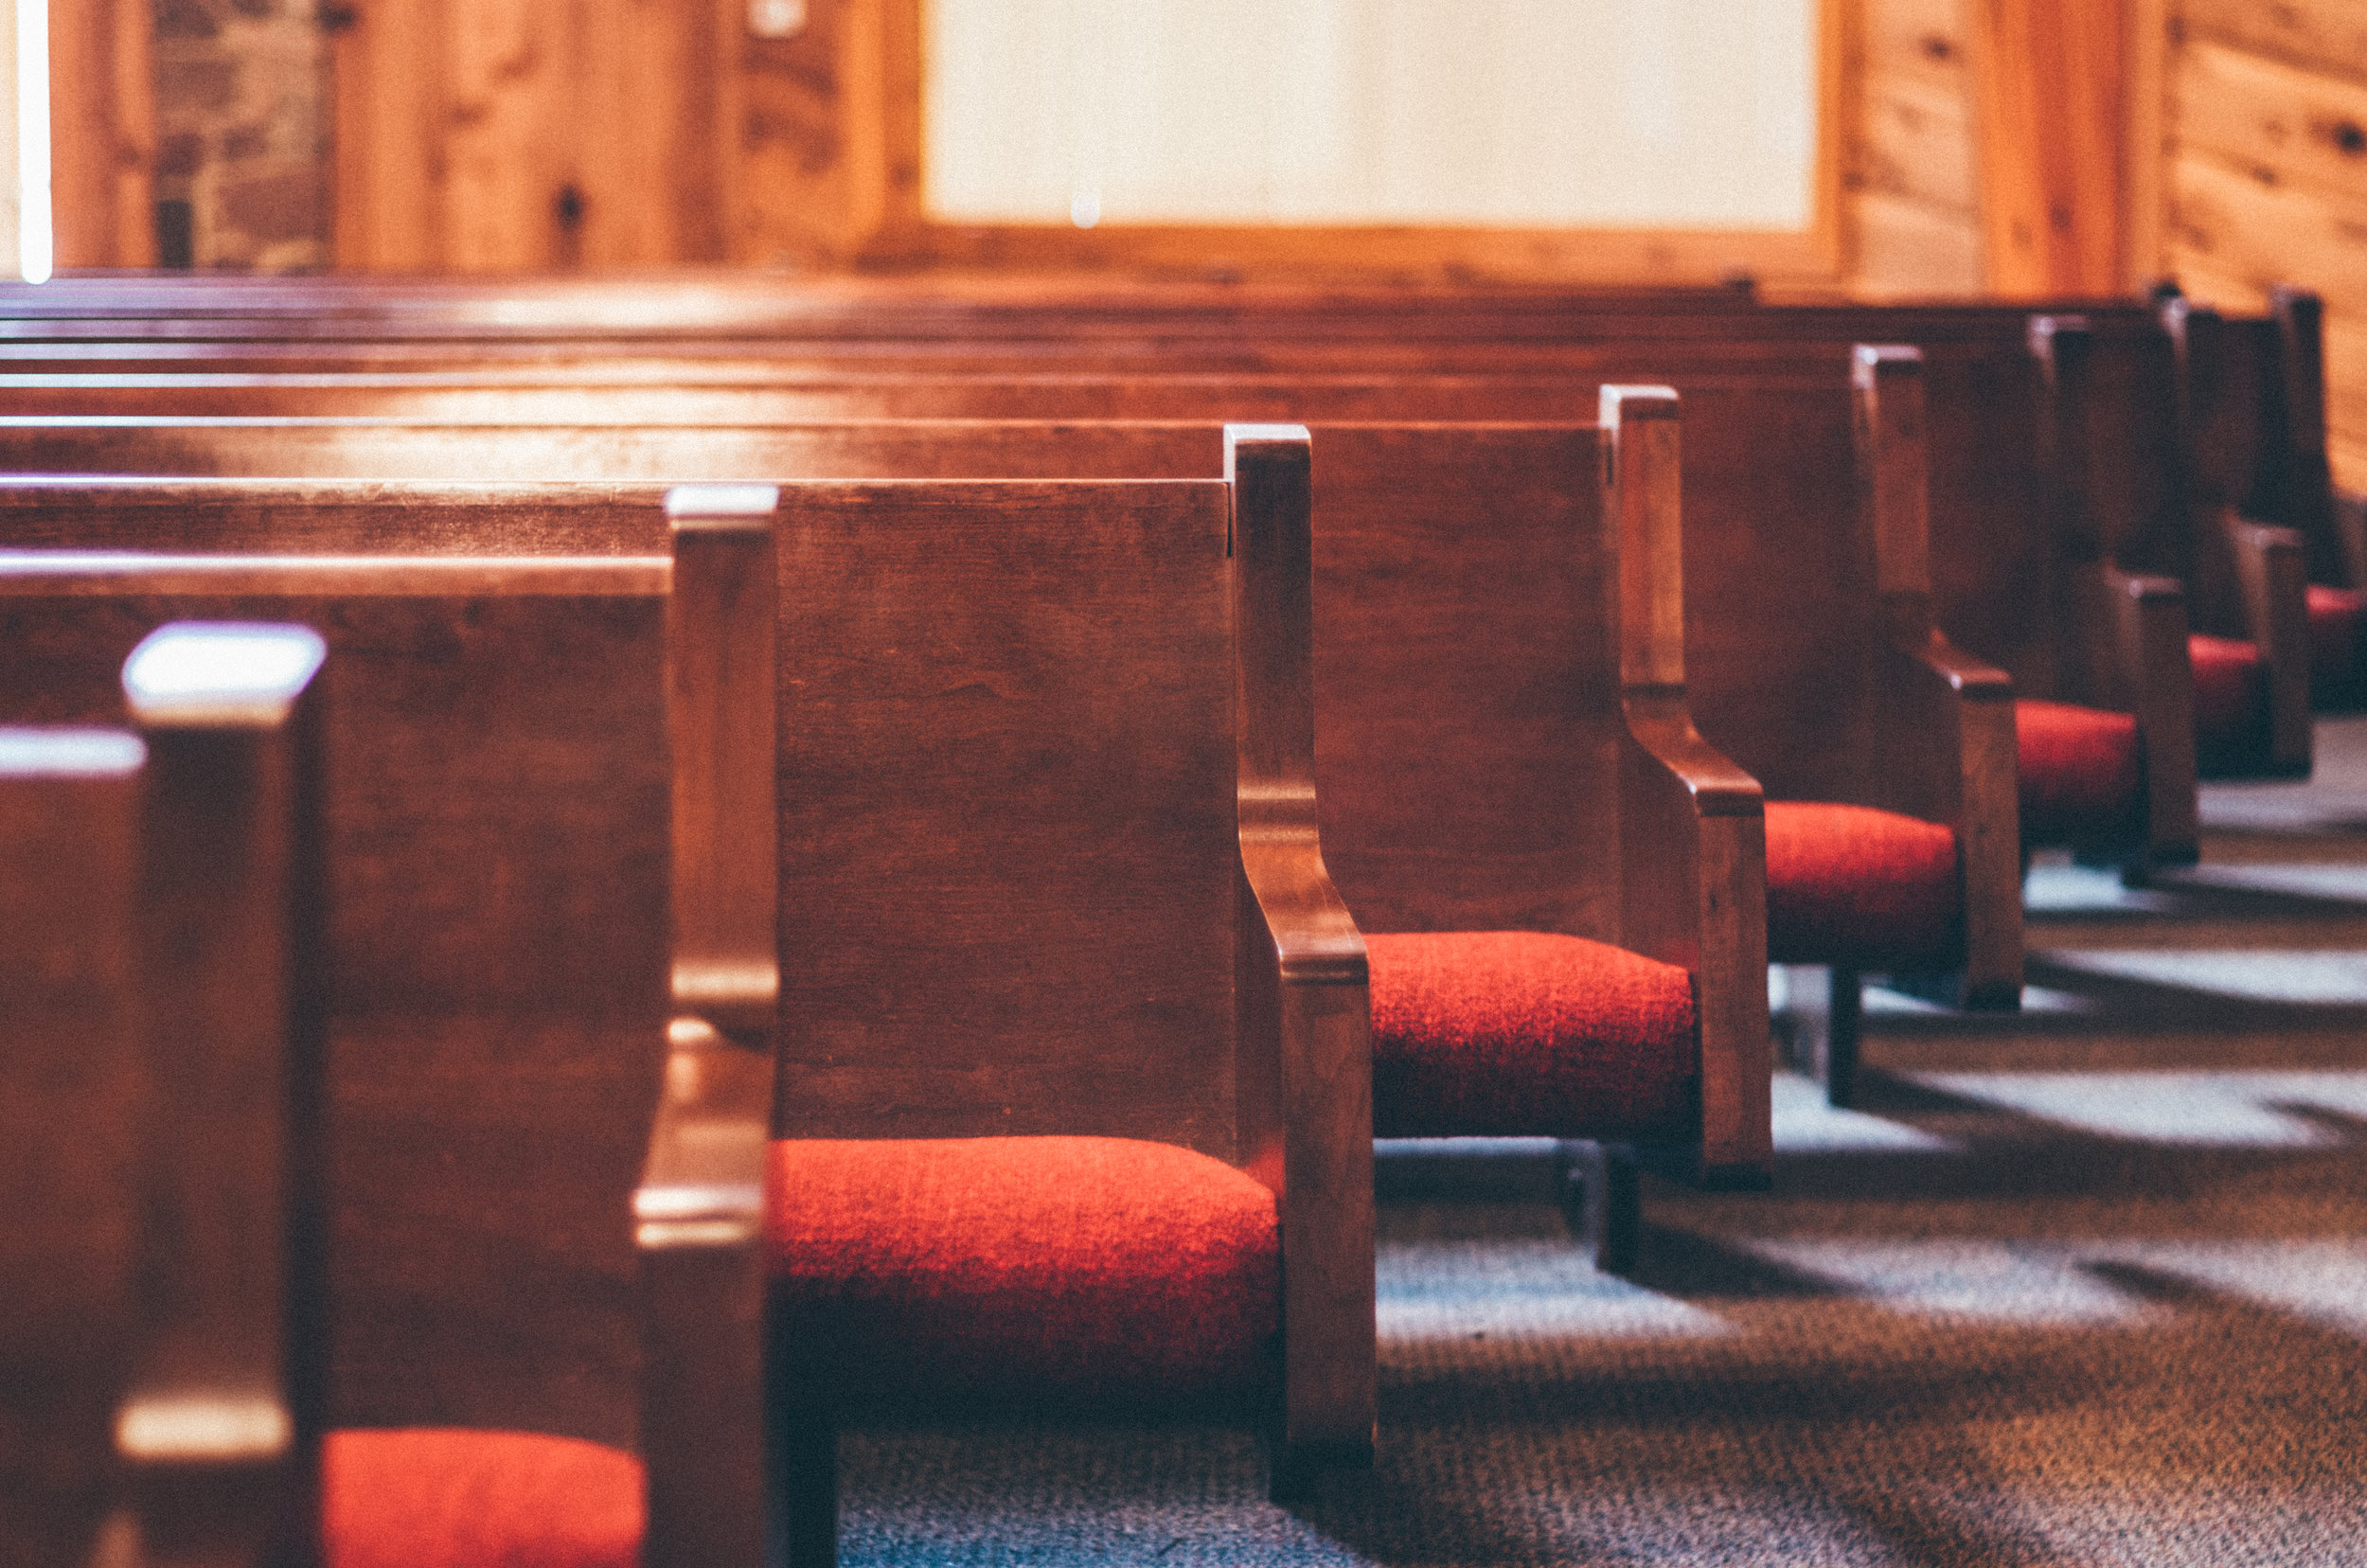 SUNDAY MORNING WORSHIP - Join us Sundays at 11 AM